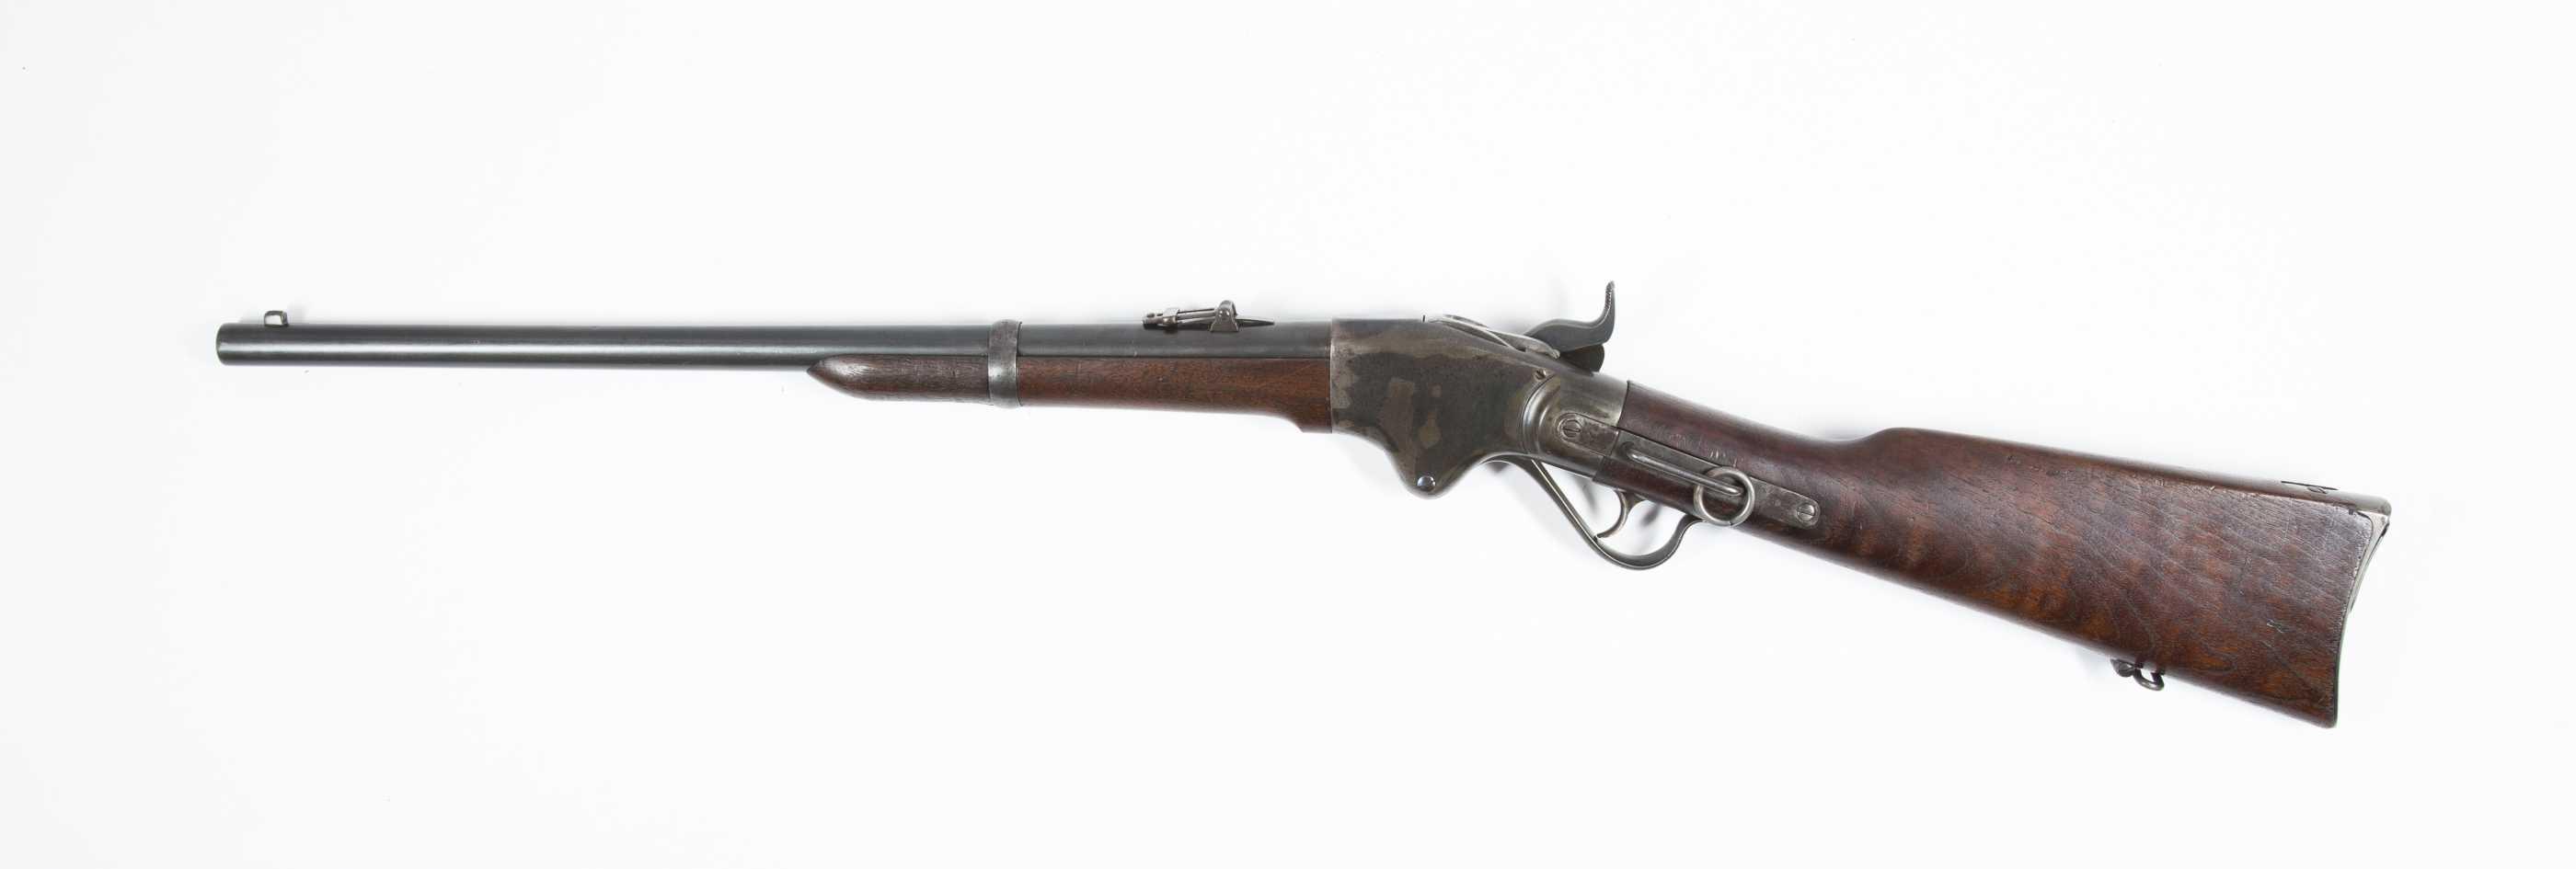 america-rifles-marrathipizza8